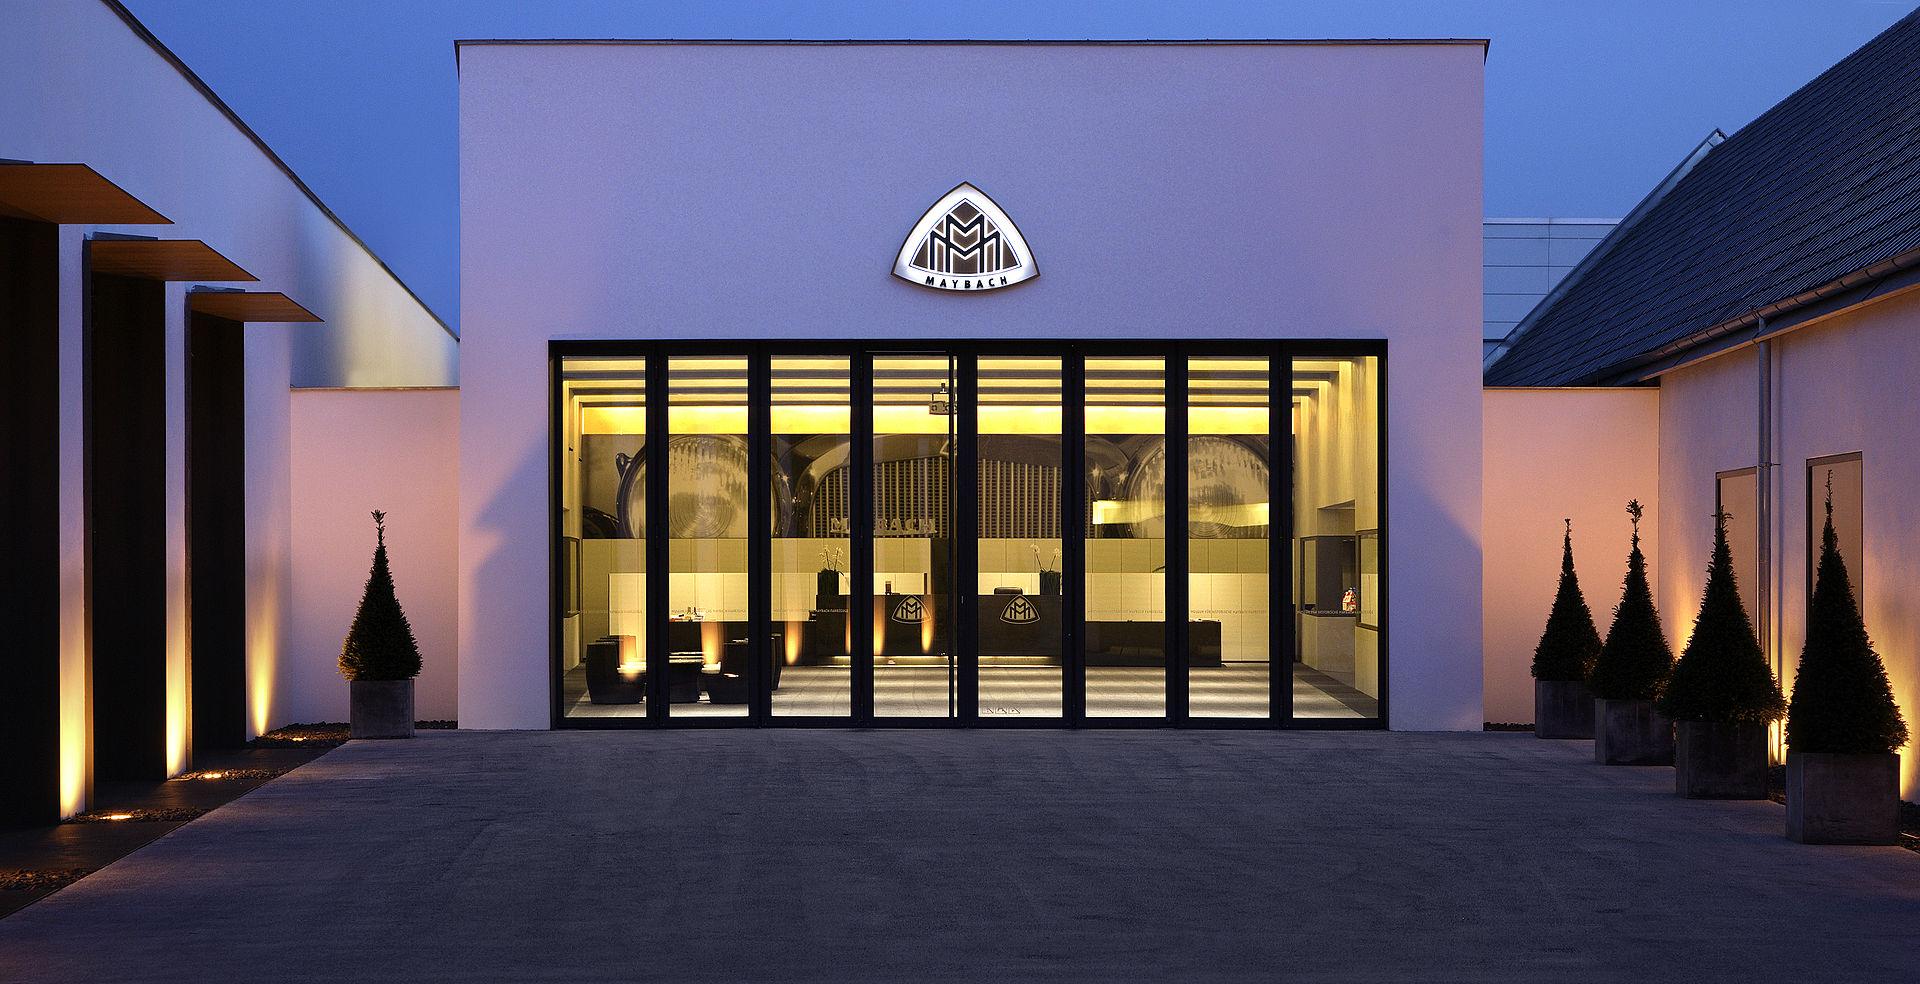 Bild Museum für historische Maybach-Fahrzeuge Neumarkt